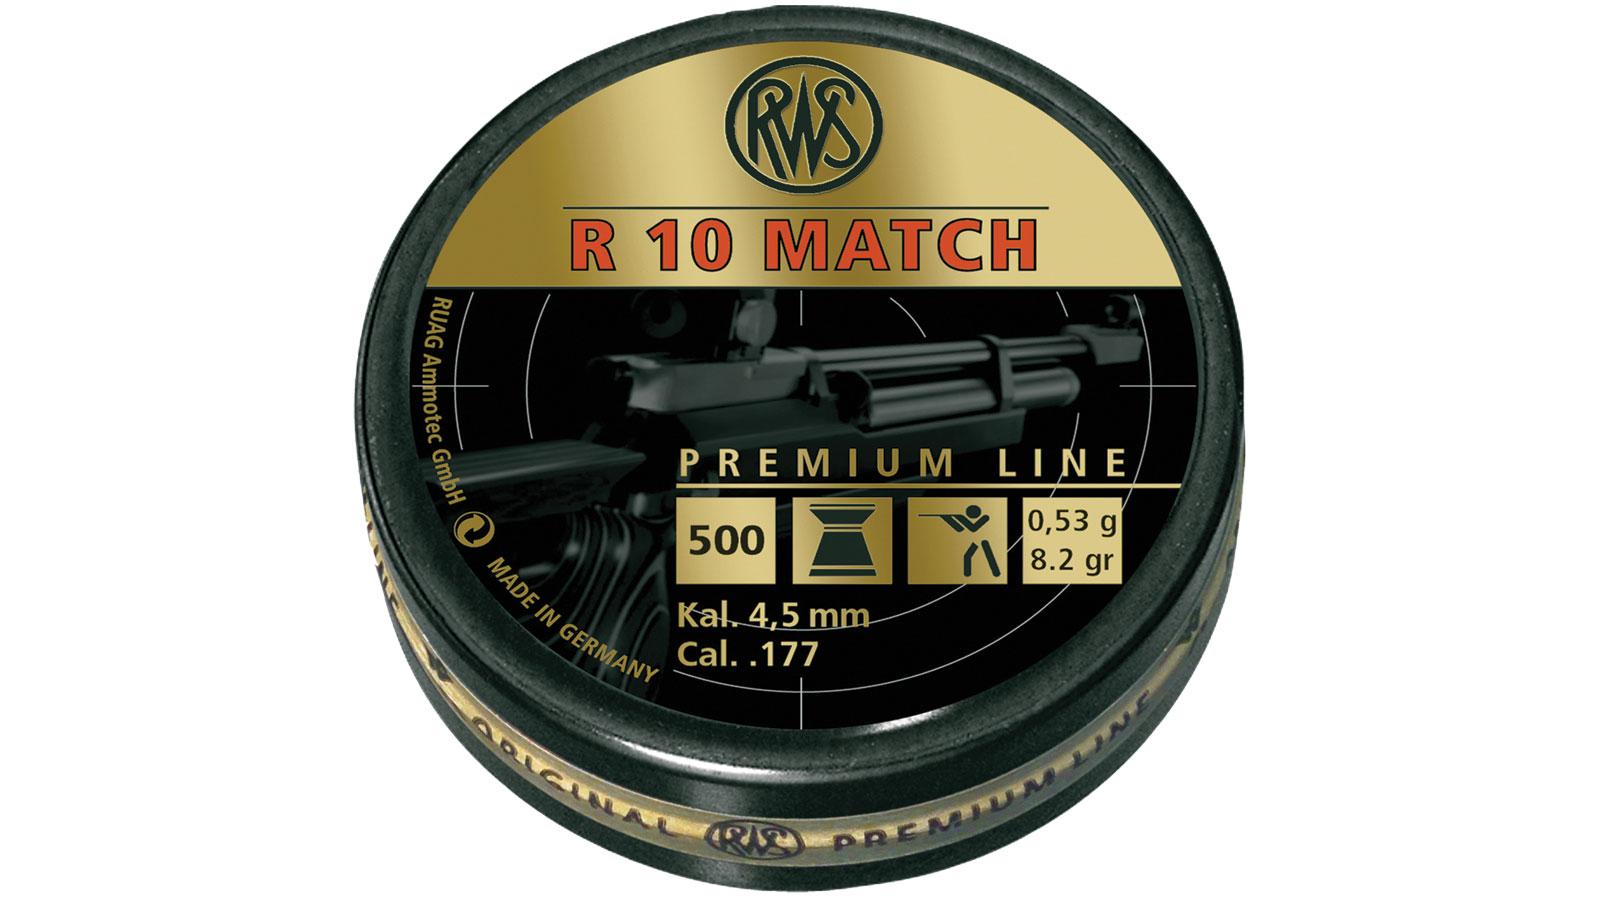 RWS 2315014 R10 Match Pellets  .177 Wadcutter Pellet Lead 500